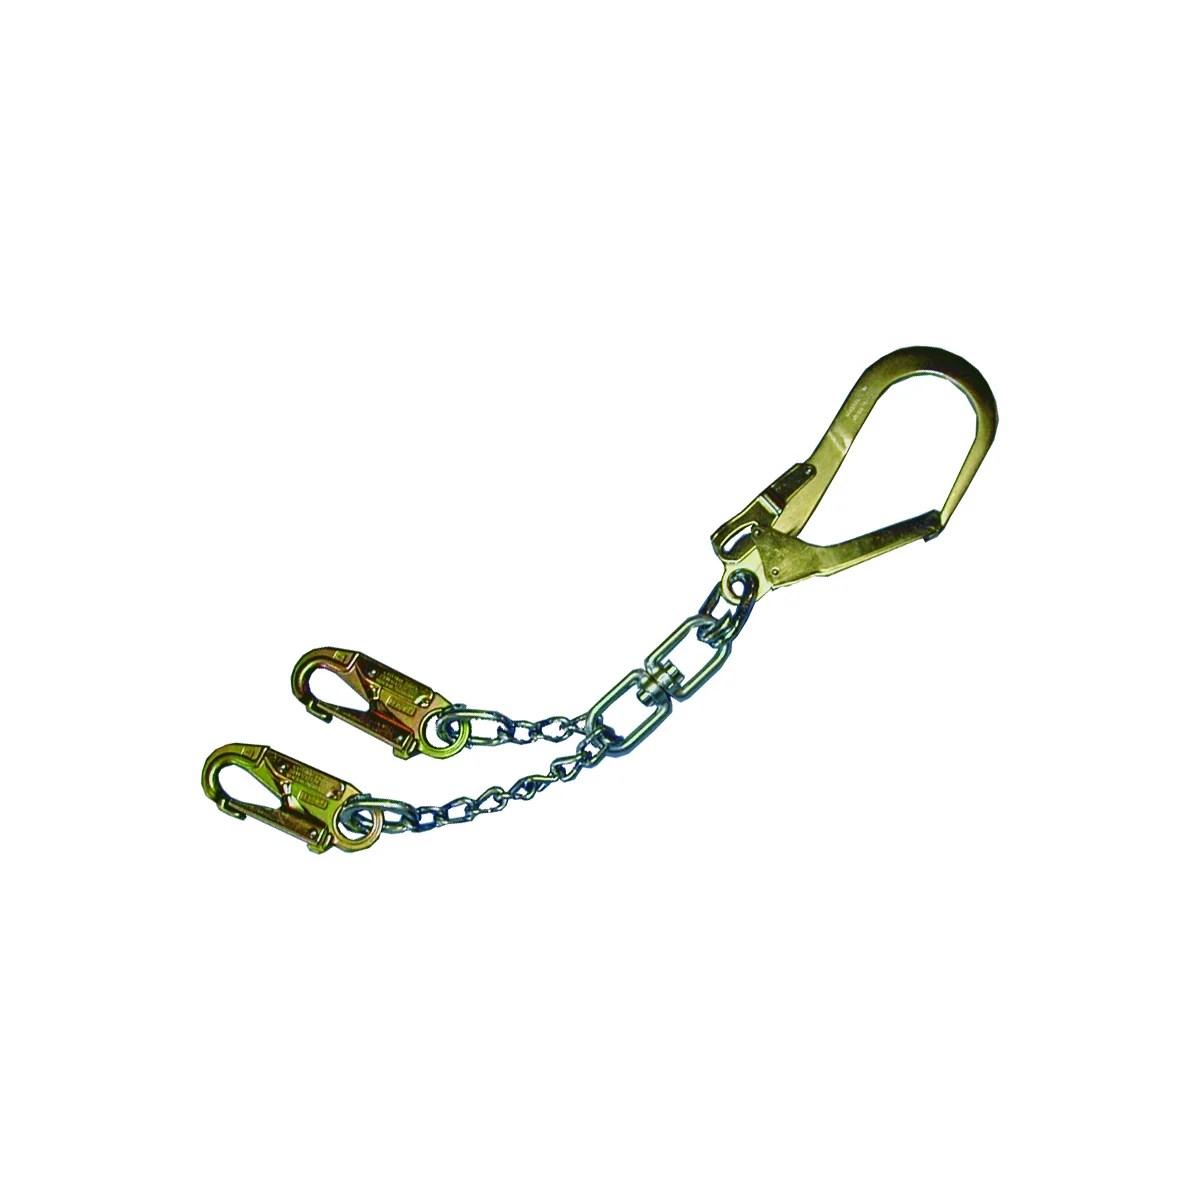 Chain Rebar Positioning Lanyard